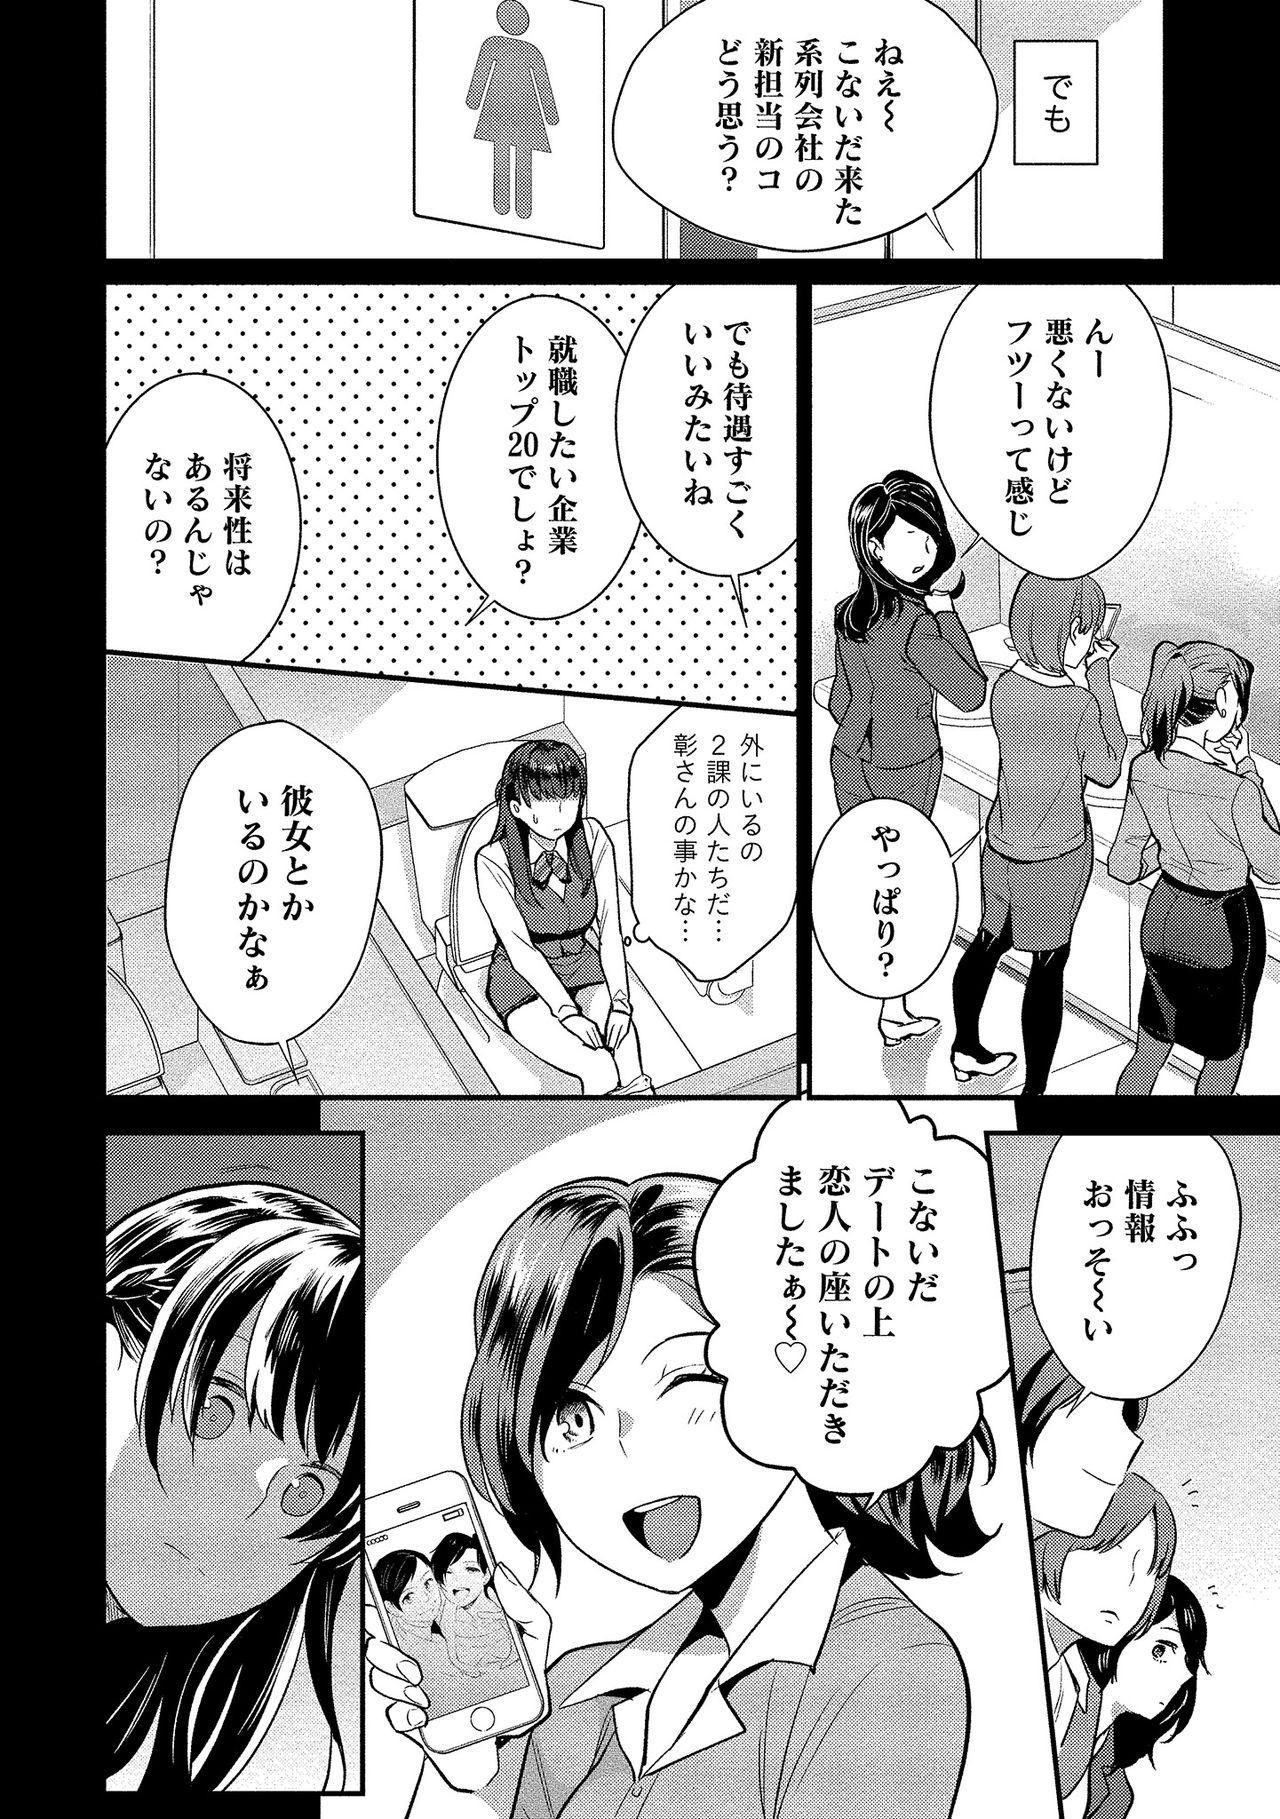 Dorobou Neko wa Kanojo no Hajimari 182